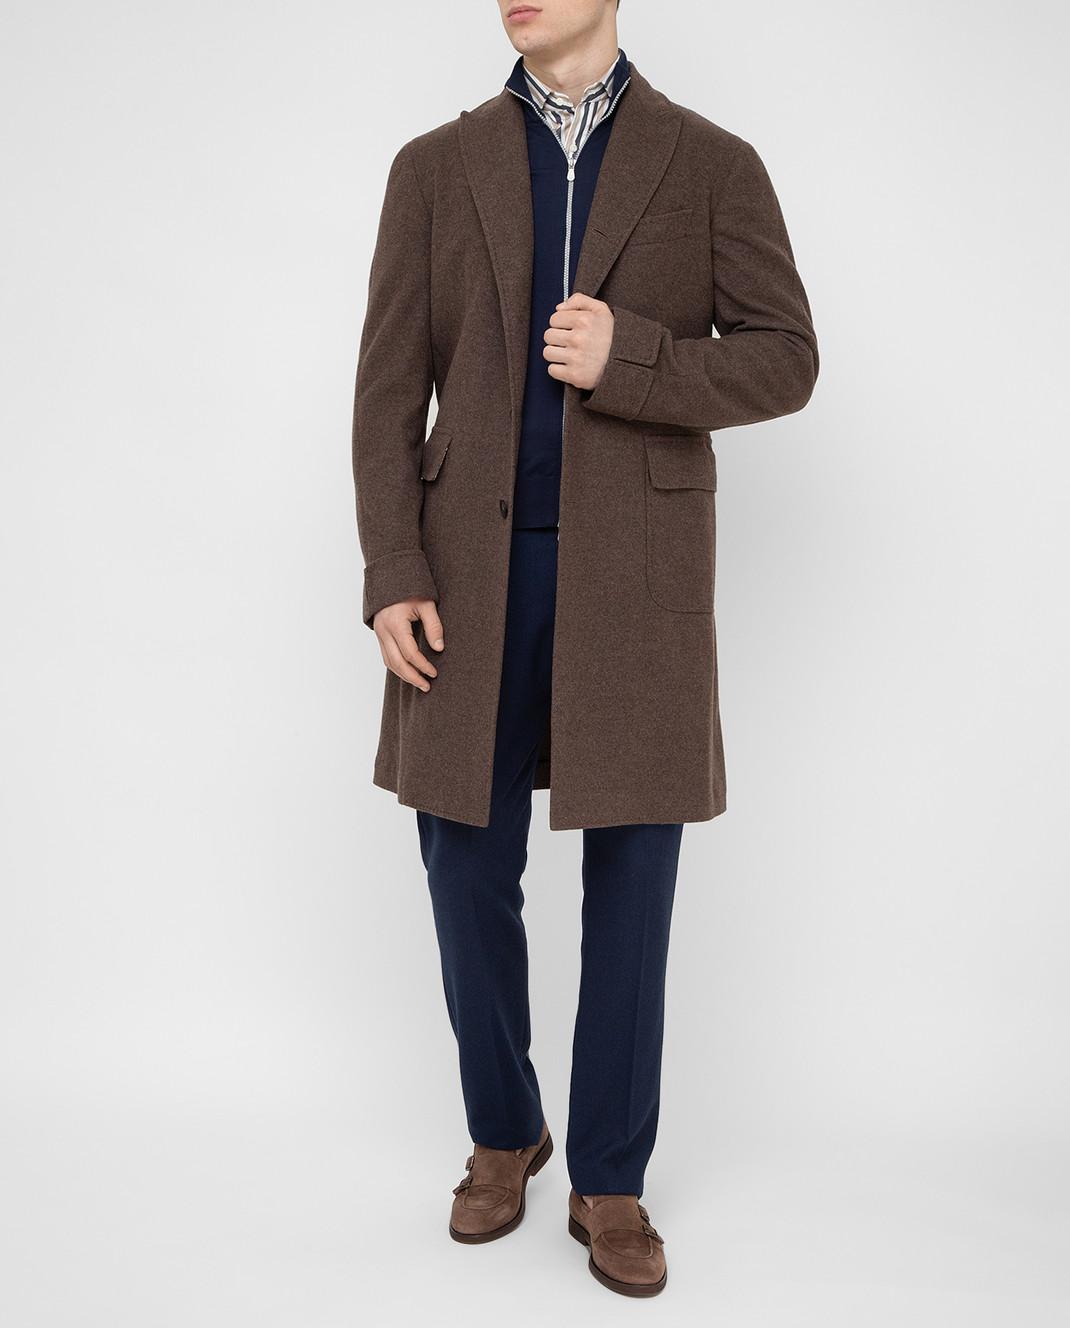 Stile Latino Коричневое пальто из шерсти и кашемира CUALFIO4592TMC20 изображение 2